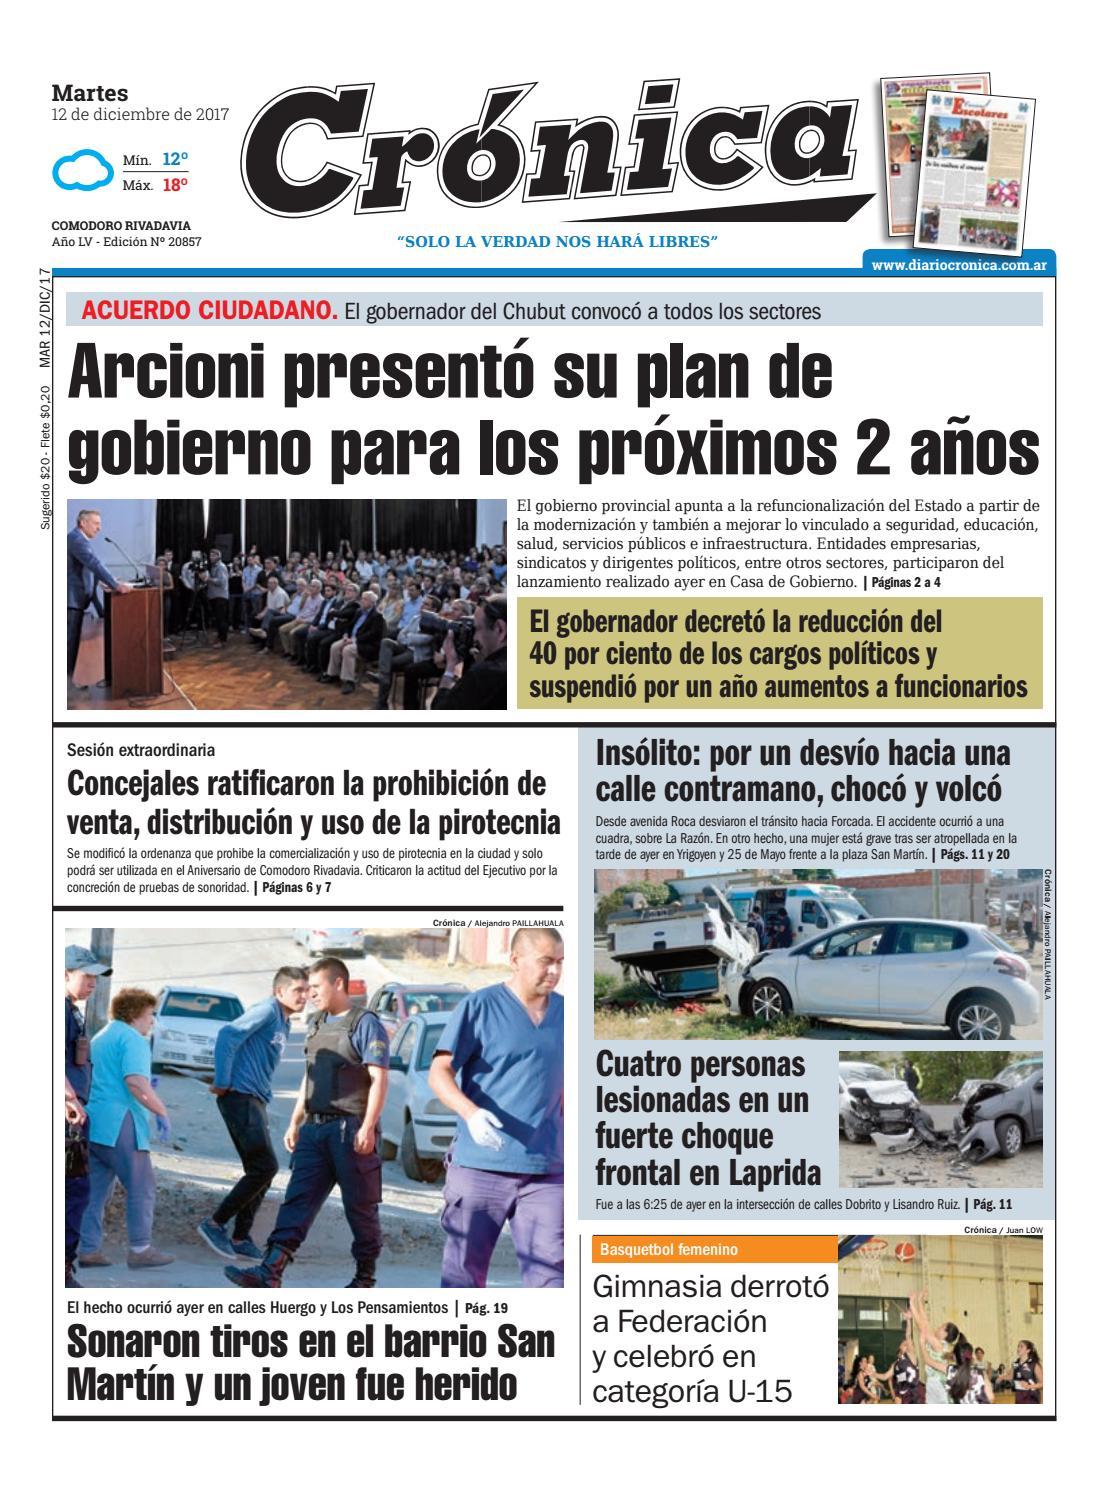 7fa1f0dd3109f4a44890bb20376030aa by Diario Crónica - issuu